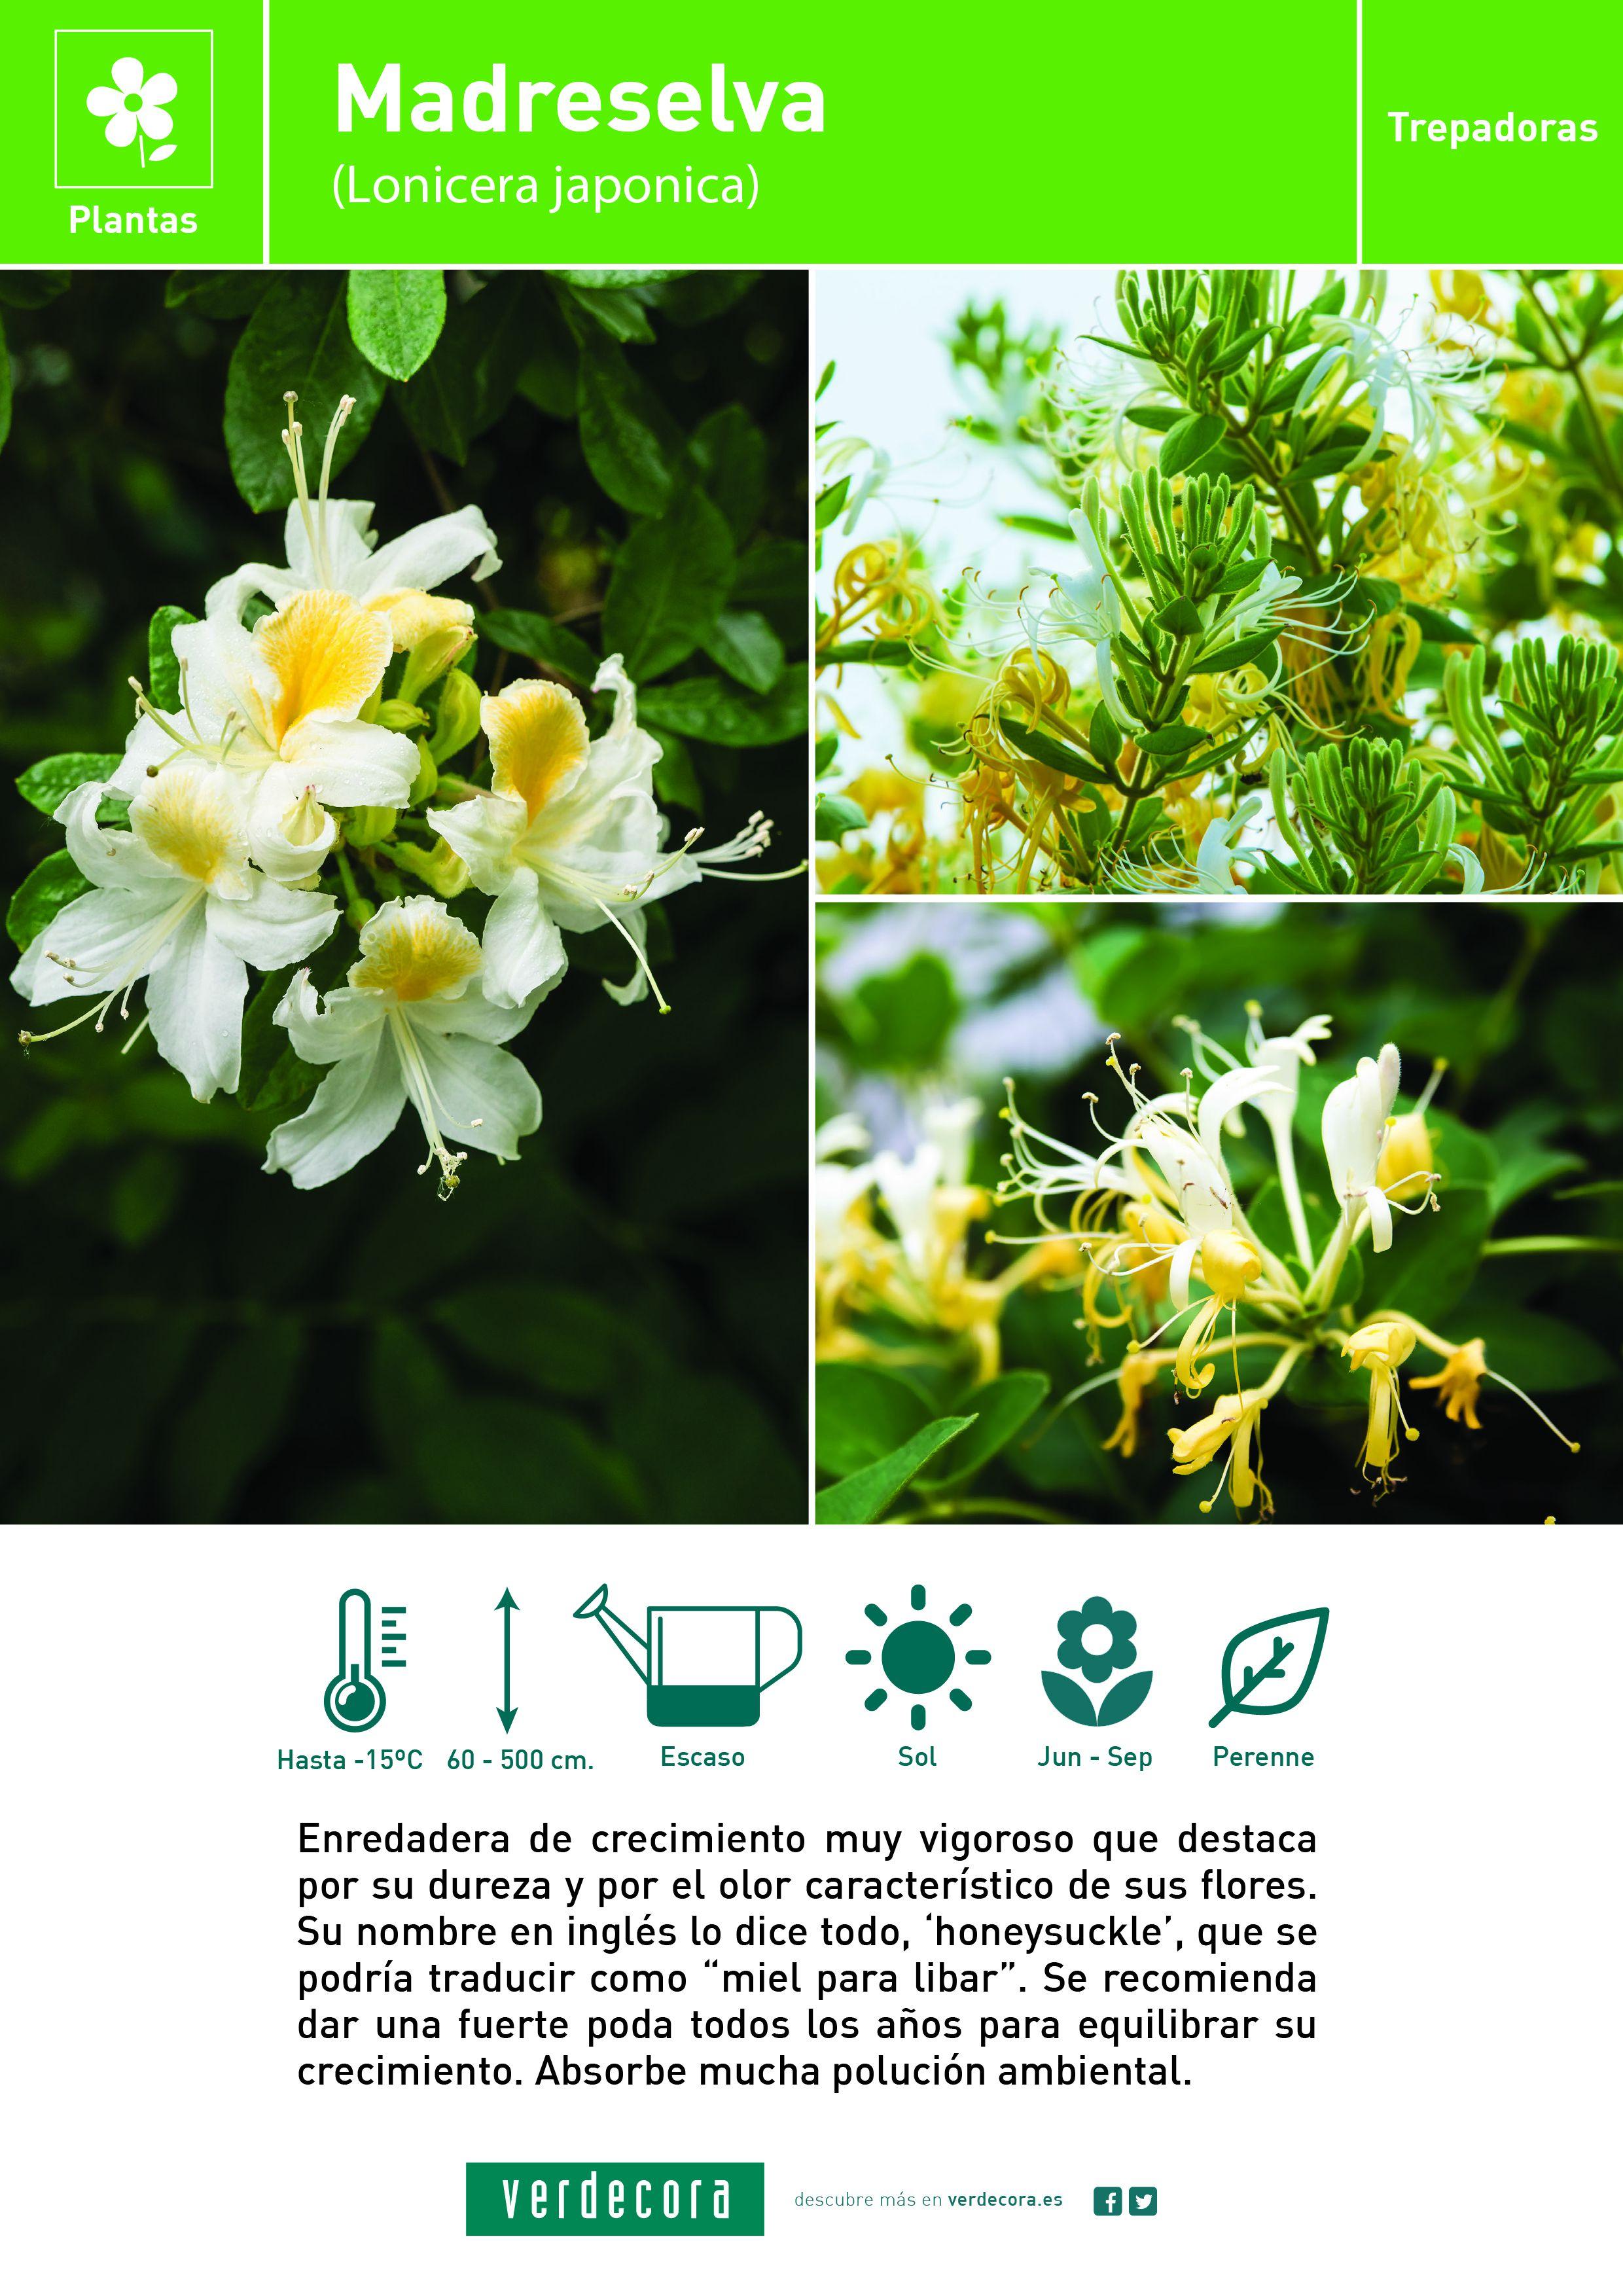 Madreselva 3l planta de exterior verdecora - Madreselva planta ...